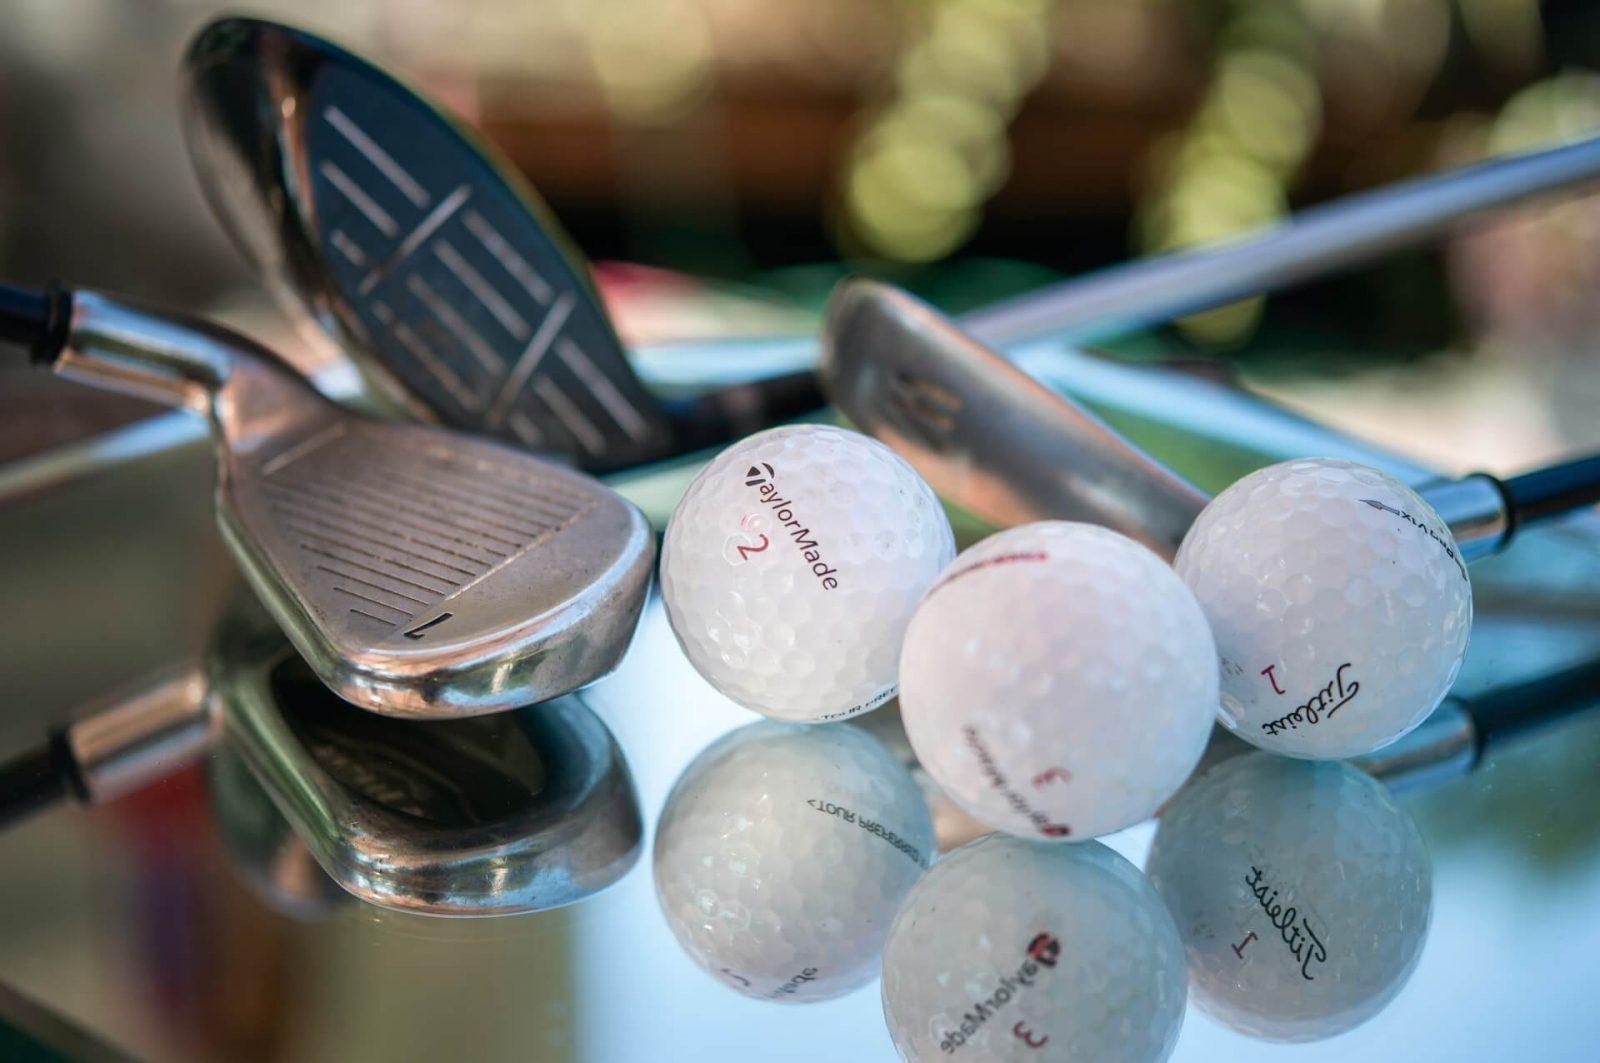 ¿Cuántas clases se necesitan para aprender a jugar al golf?